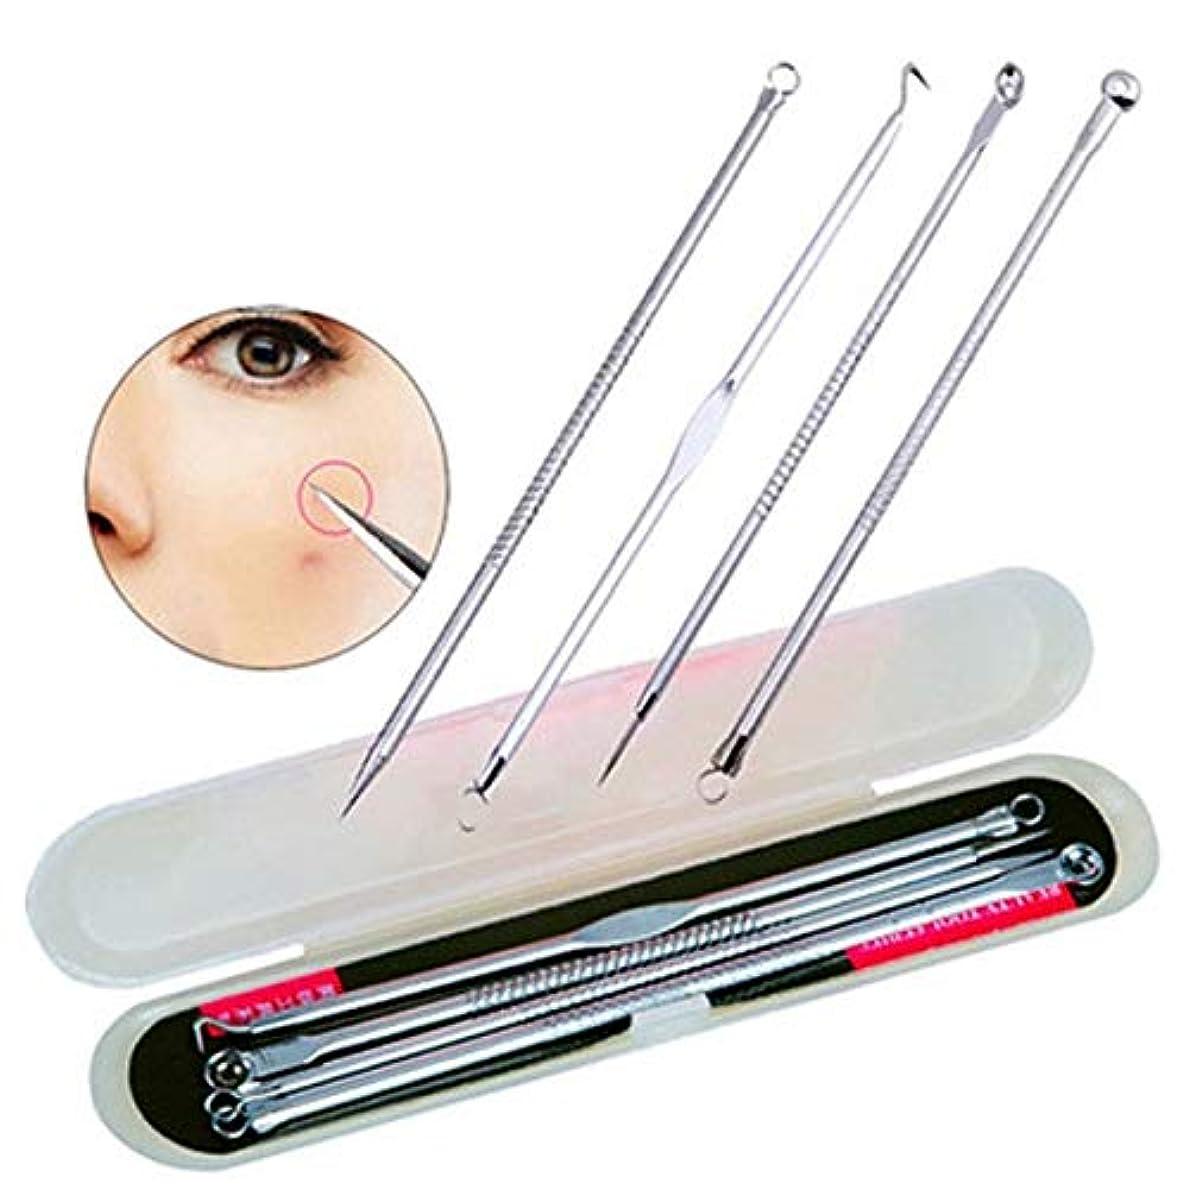 私たち自身換気衛星4PCS Blackhead Extractor Black Dots Pimple Cleaner Acne Blemish Remover Needles Set Black Spots Pore Point Noir...